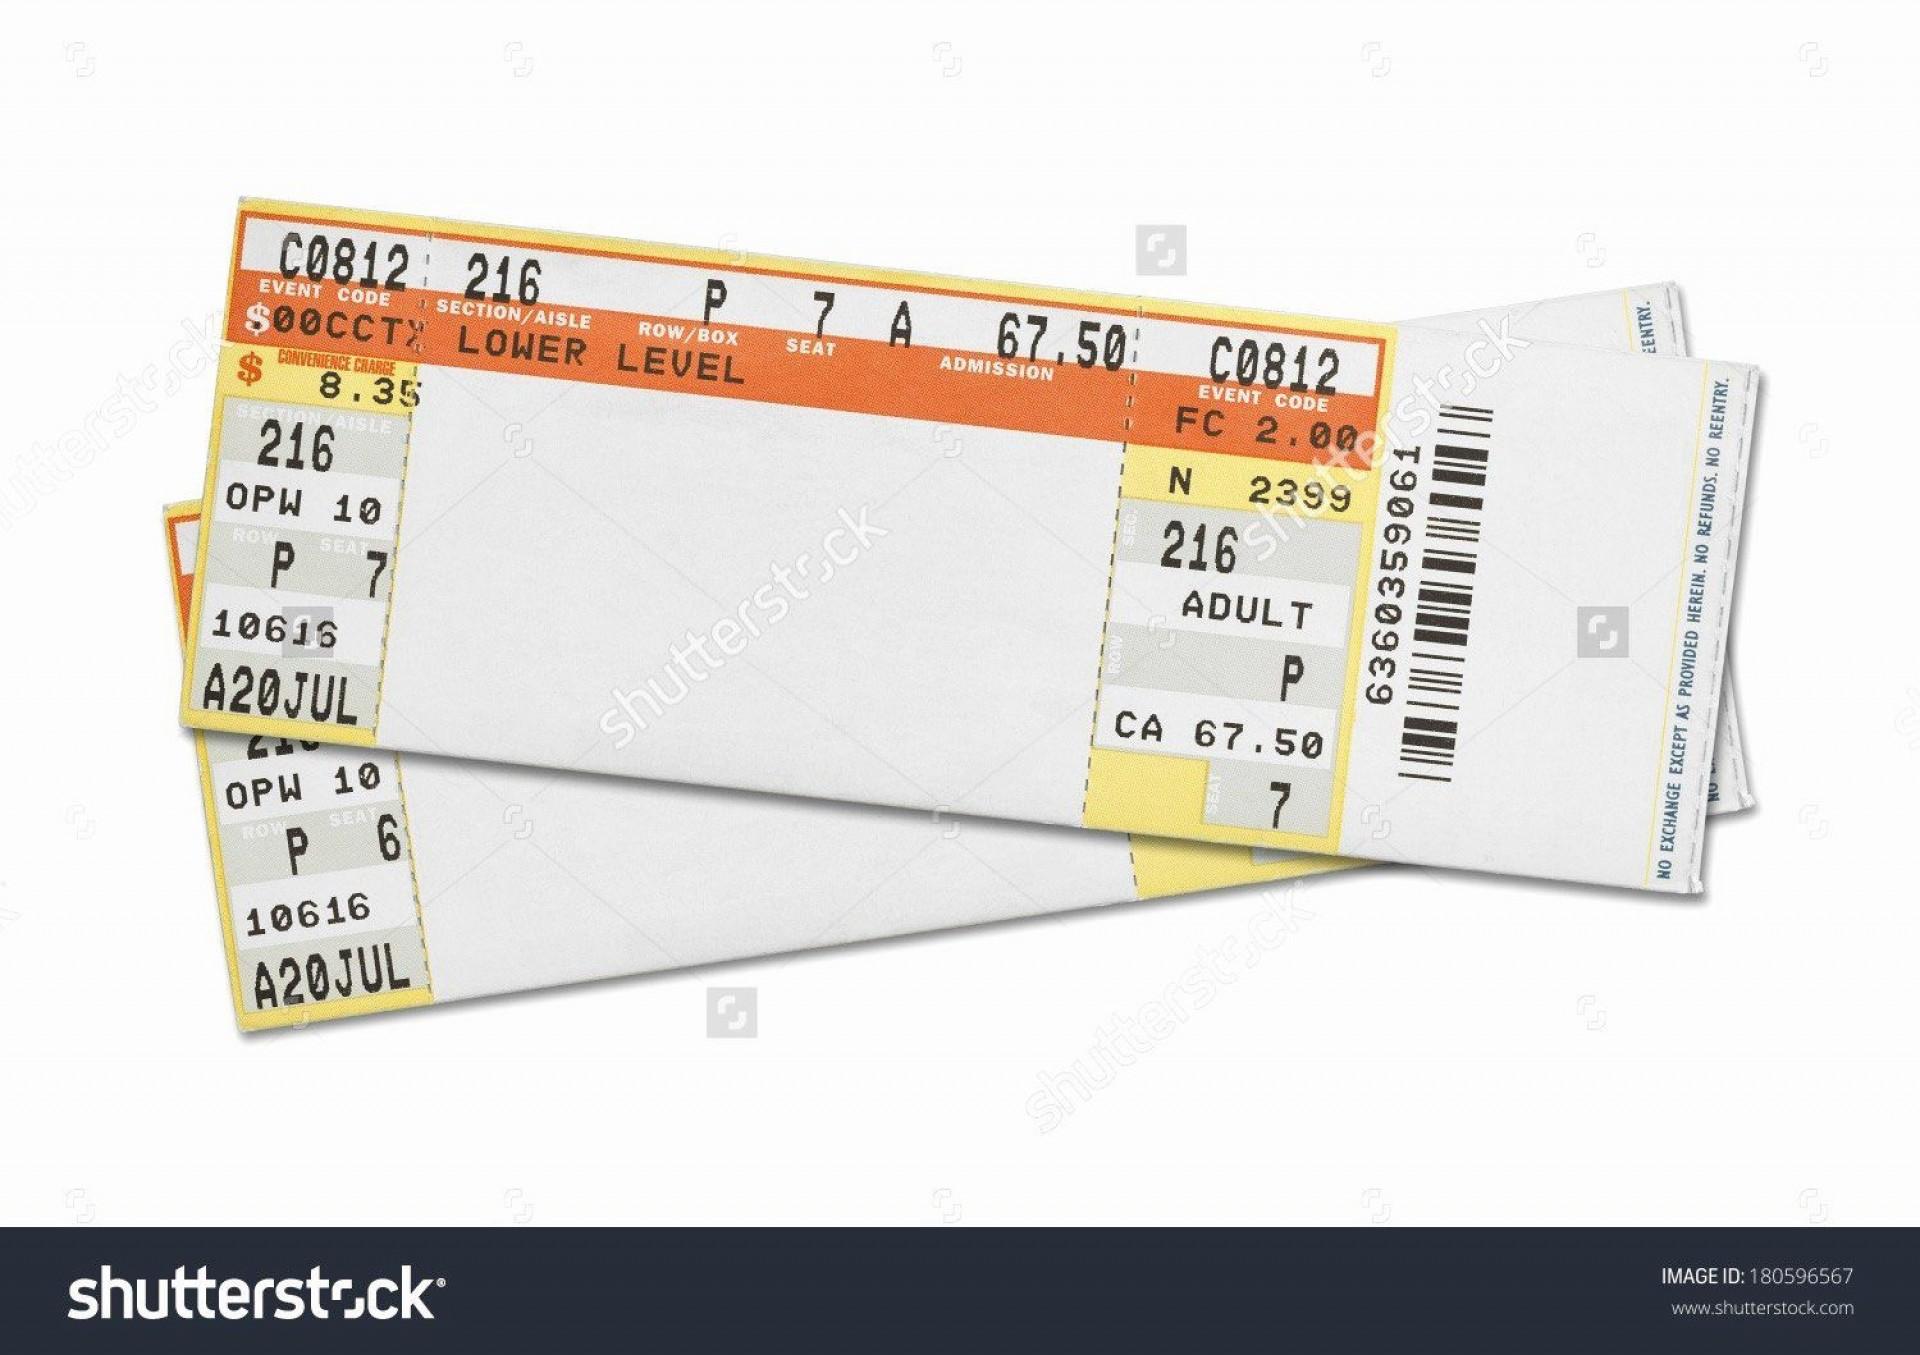 004 Sensational Free Concert Ticket Maker Template Design  Printable Gift1920